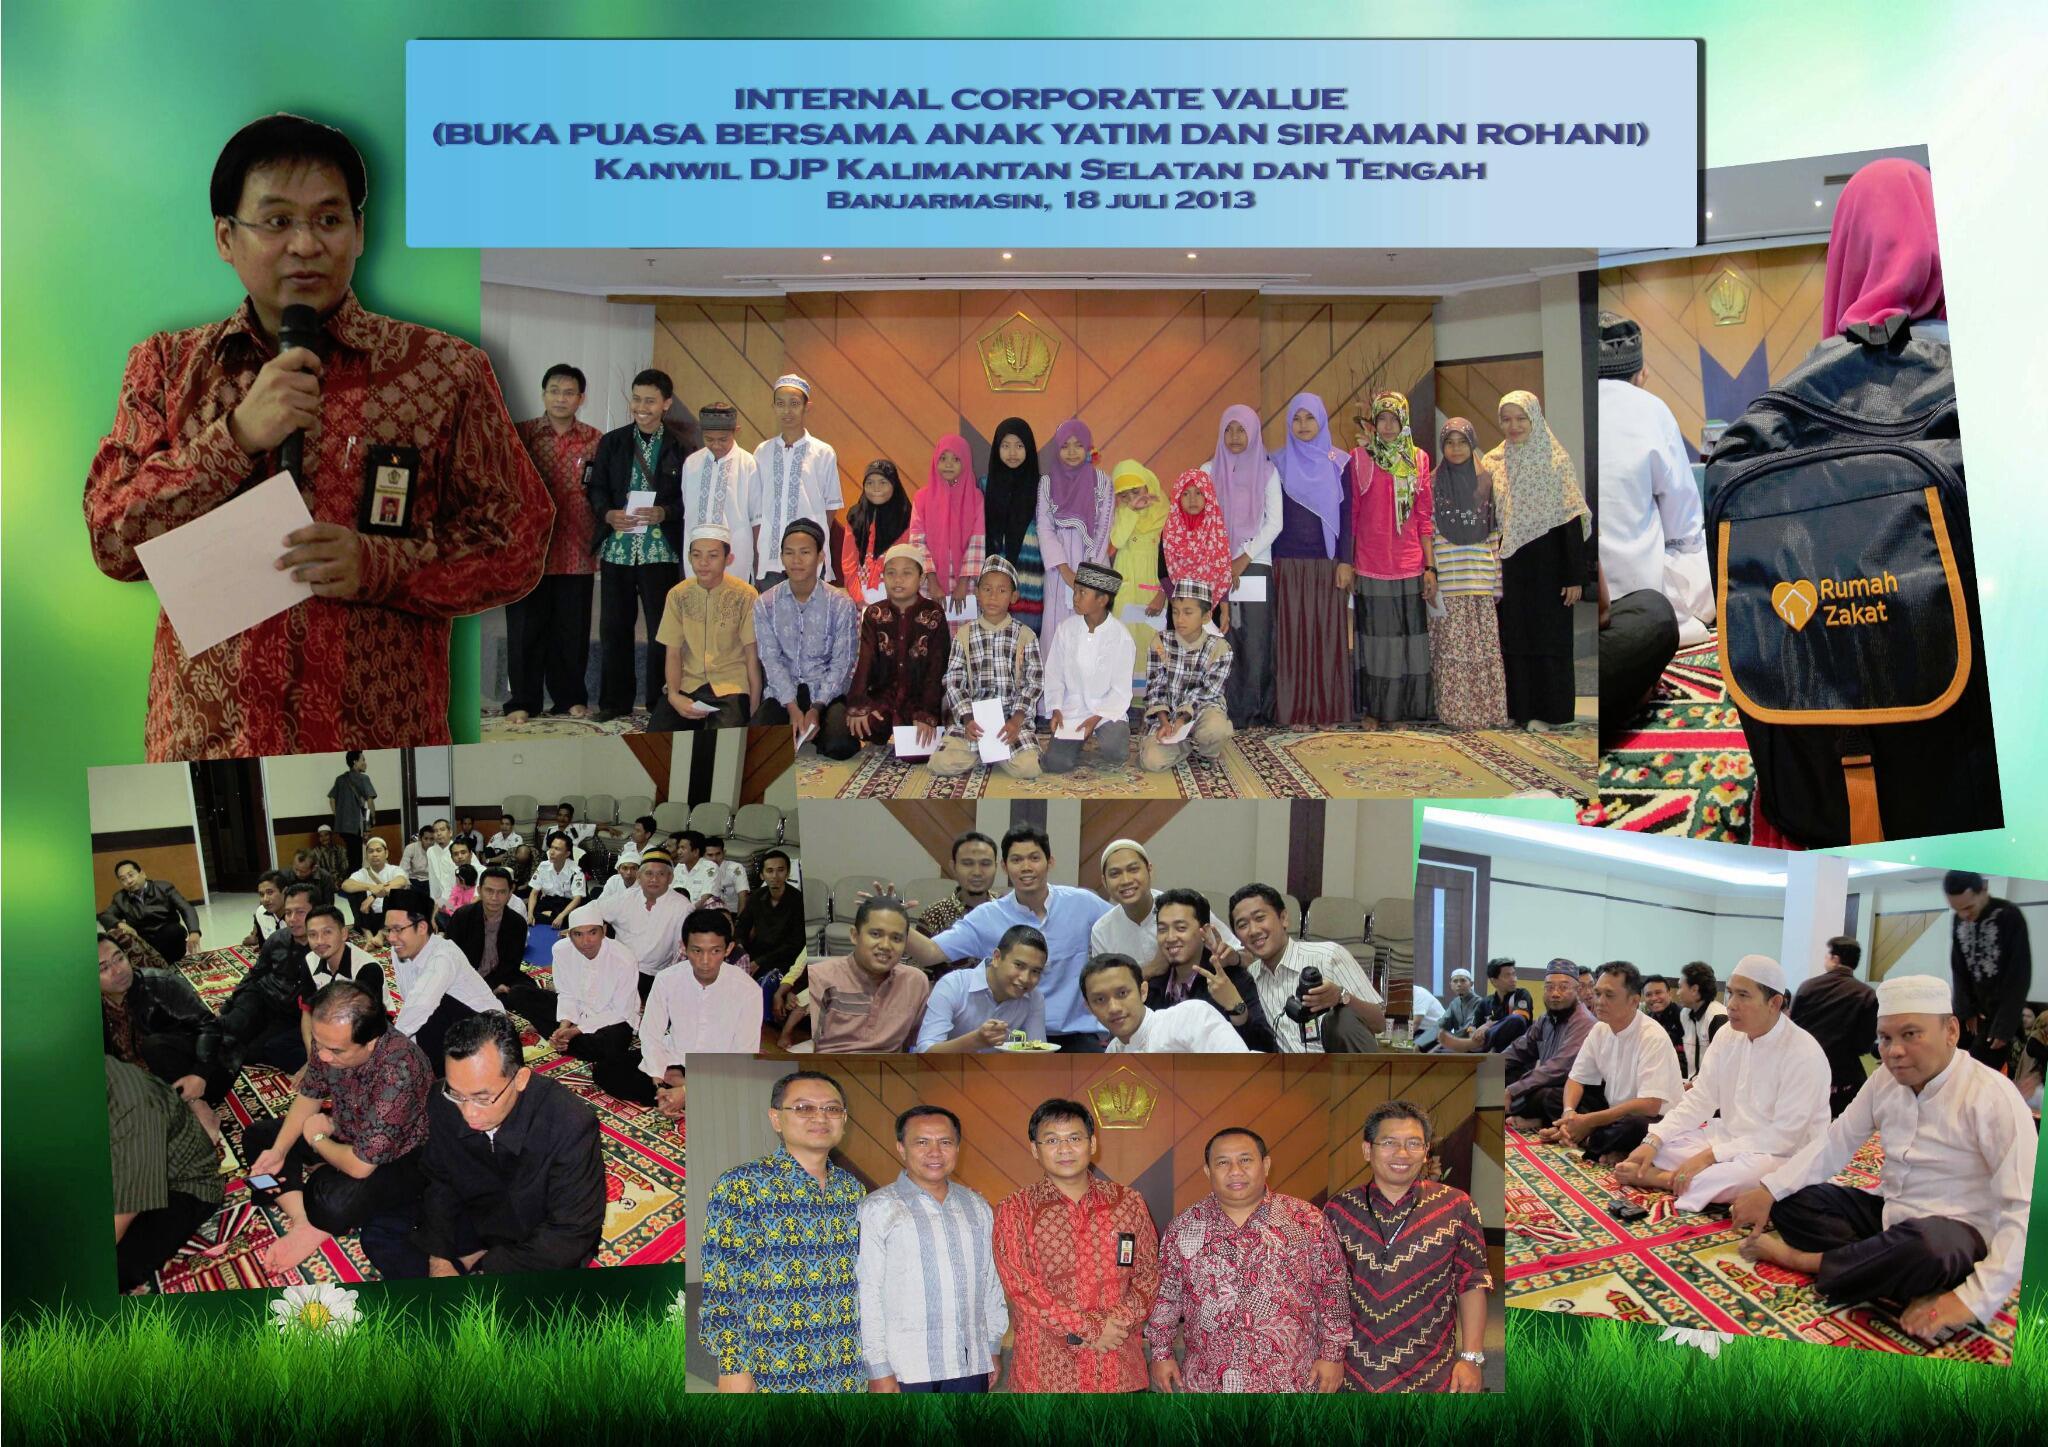 Buka Puasa Bersama Kanwil DJP Kalimantan Selatan dan Tengah 18 Juli 2013 @mekars http://t.co/gDggbG7CLf